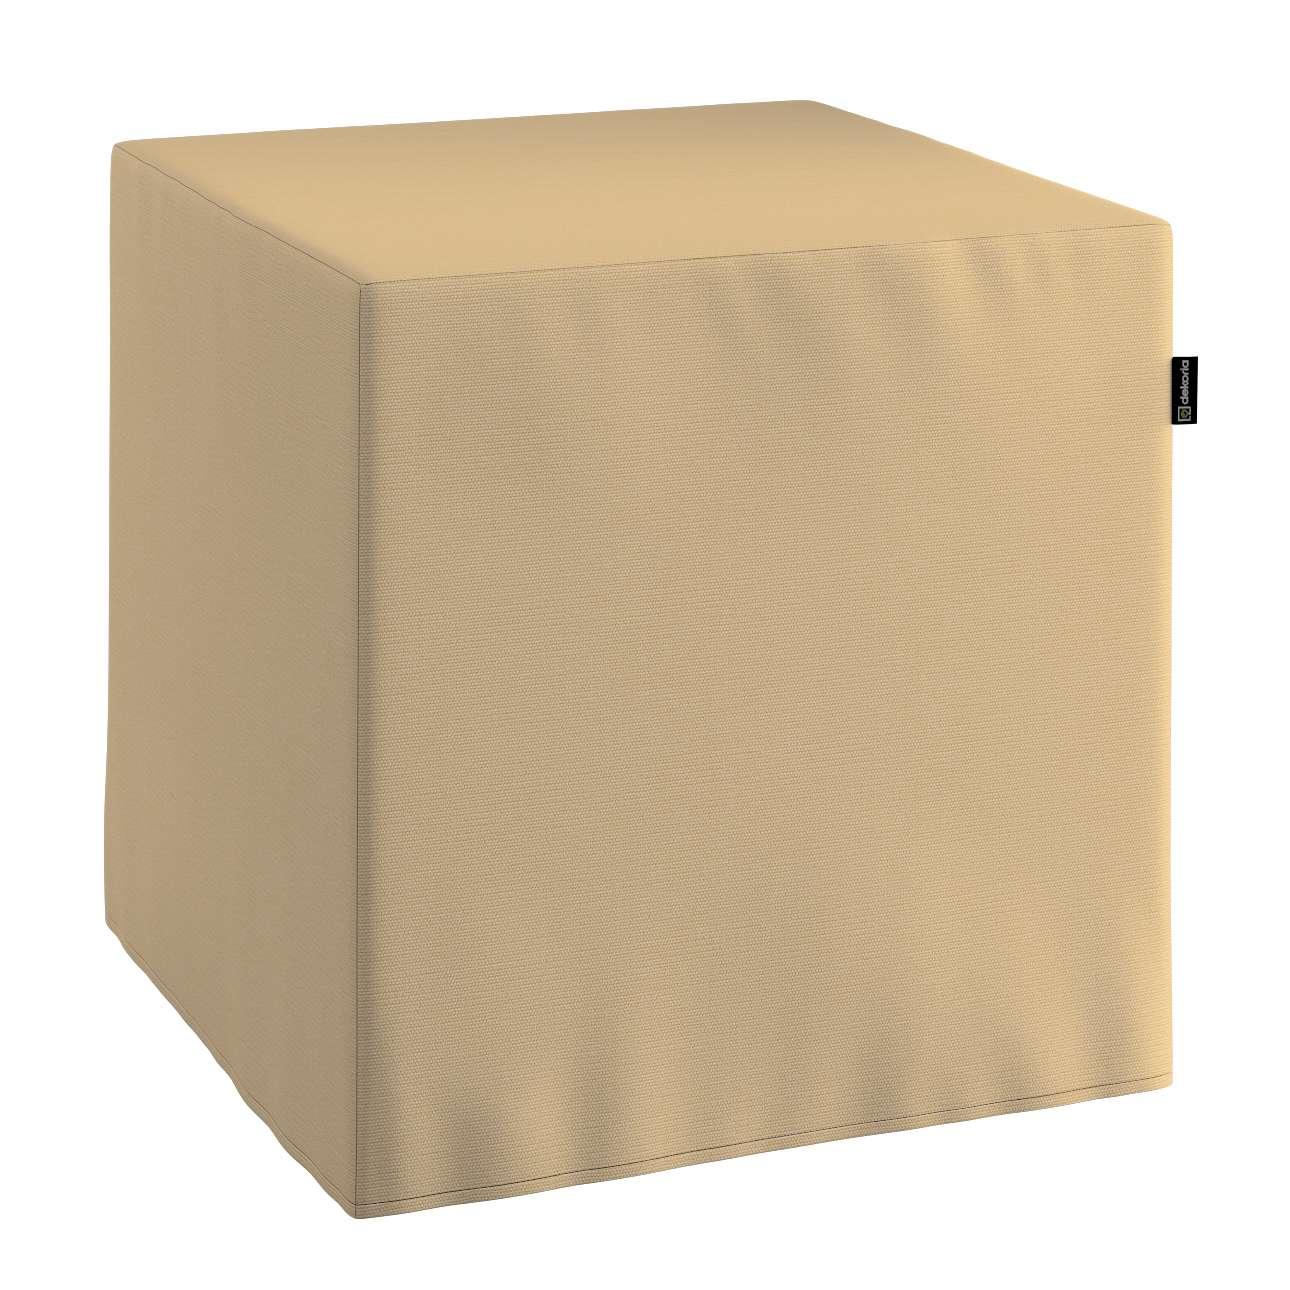 Sedák Cube - kostka pevná 40x40x40 v kolekci Cotton Panama, látka: 702-01